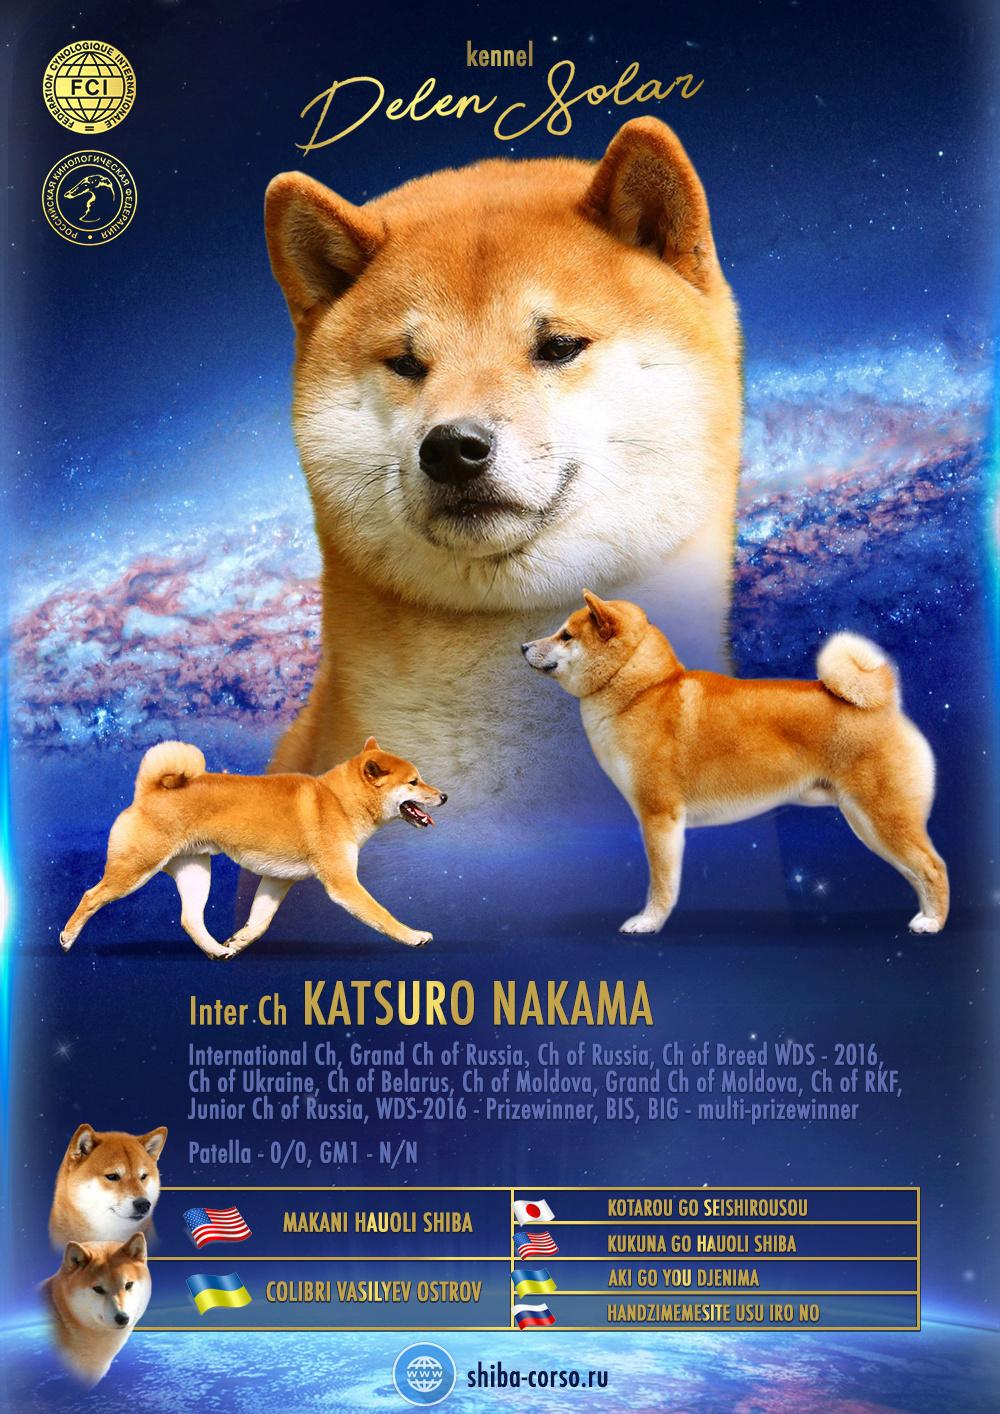 Питомник DELEN SOLAR - Рыжие щенки от пары KATSURO NAKAMA и TERRA ASTREYA DAISYHIME A10